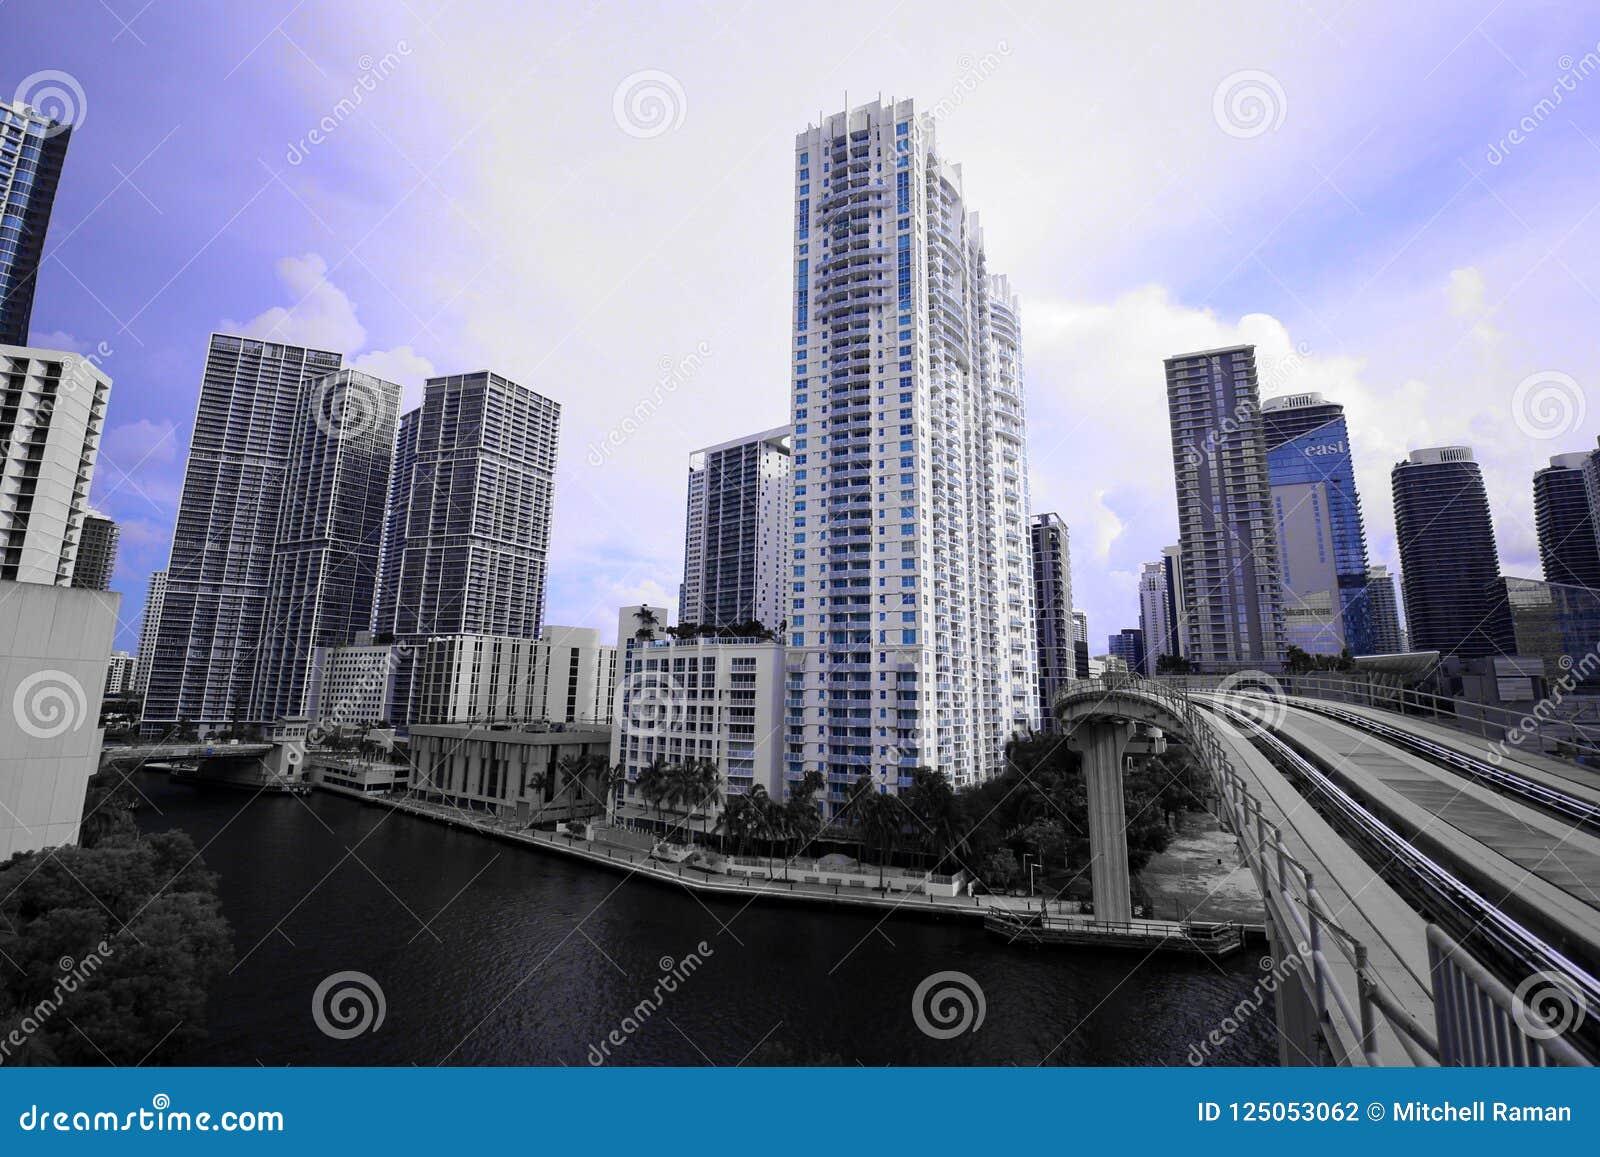 Arquitetura da cidade da skyline de Miami com construções altas e da ponte do trem sobre o rio em Brickell